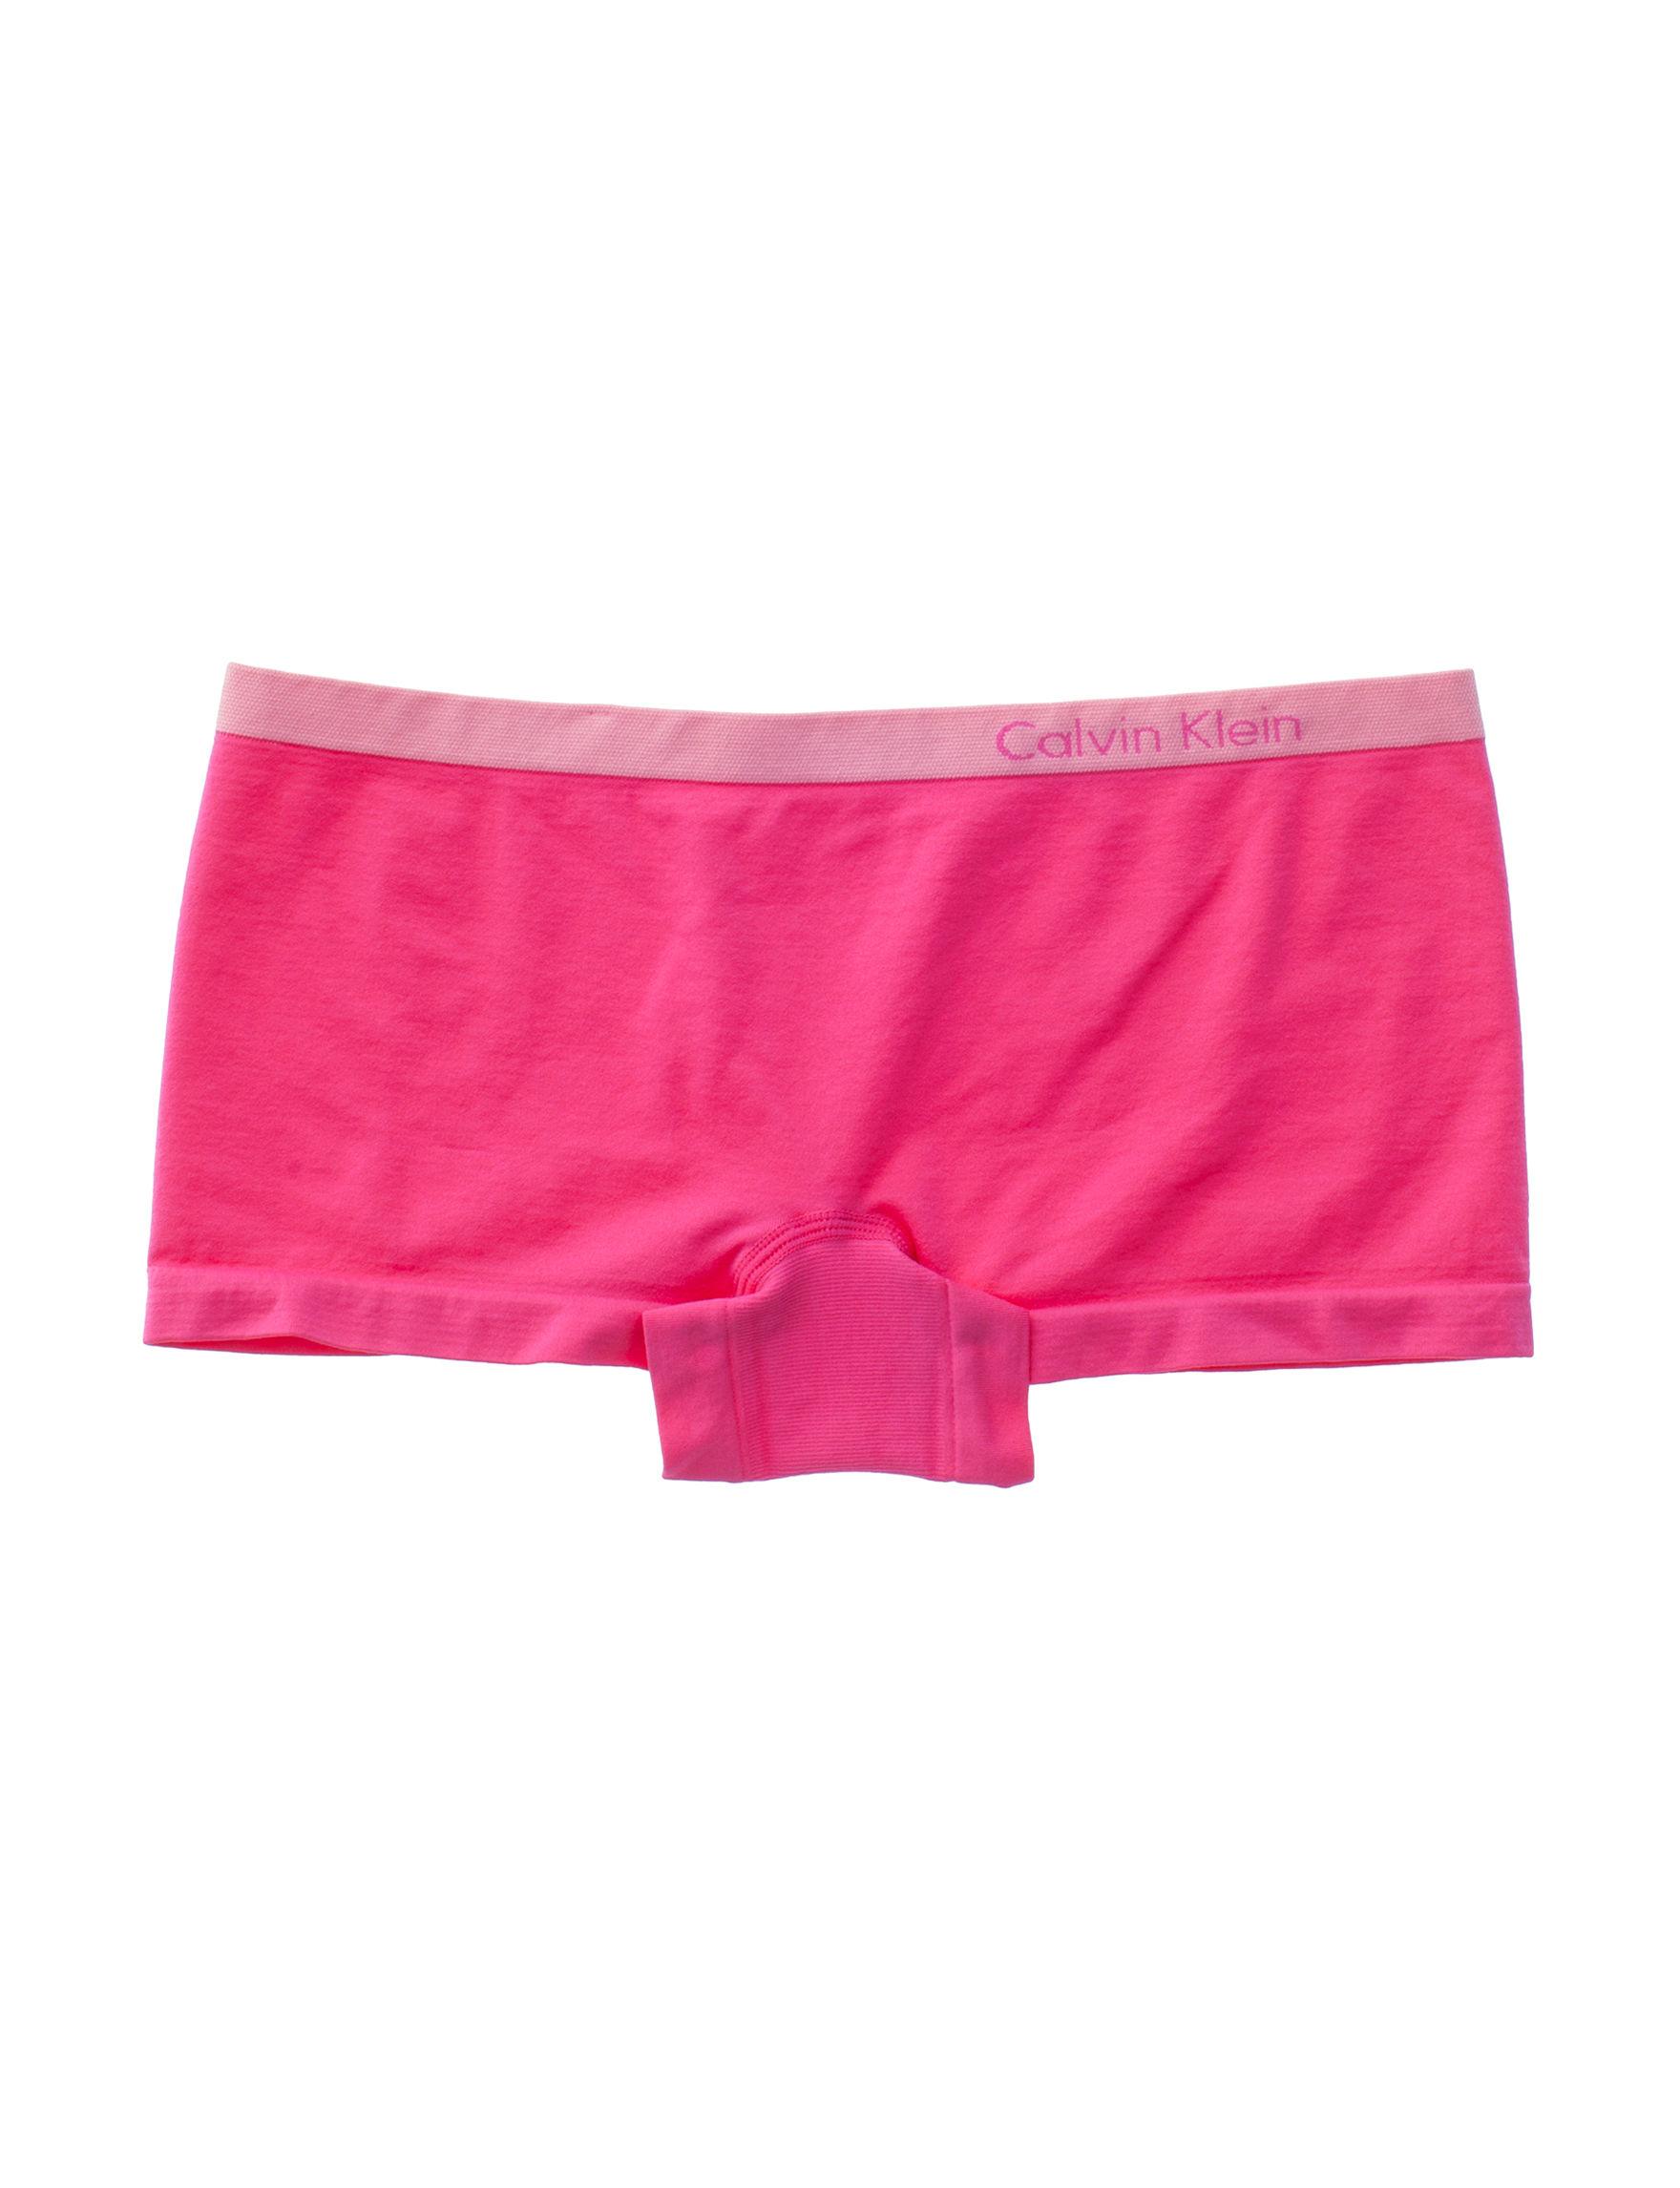 Calvin Klein Pink Panties Boyshort Seamless